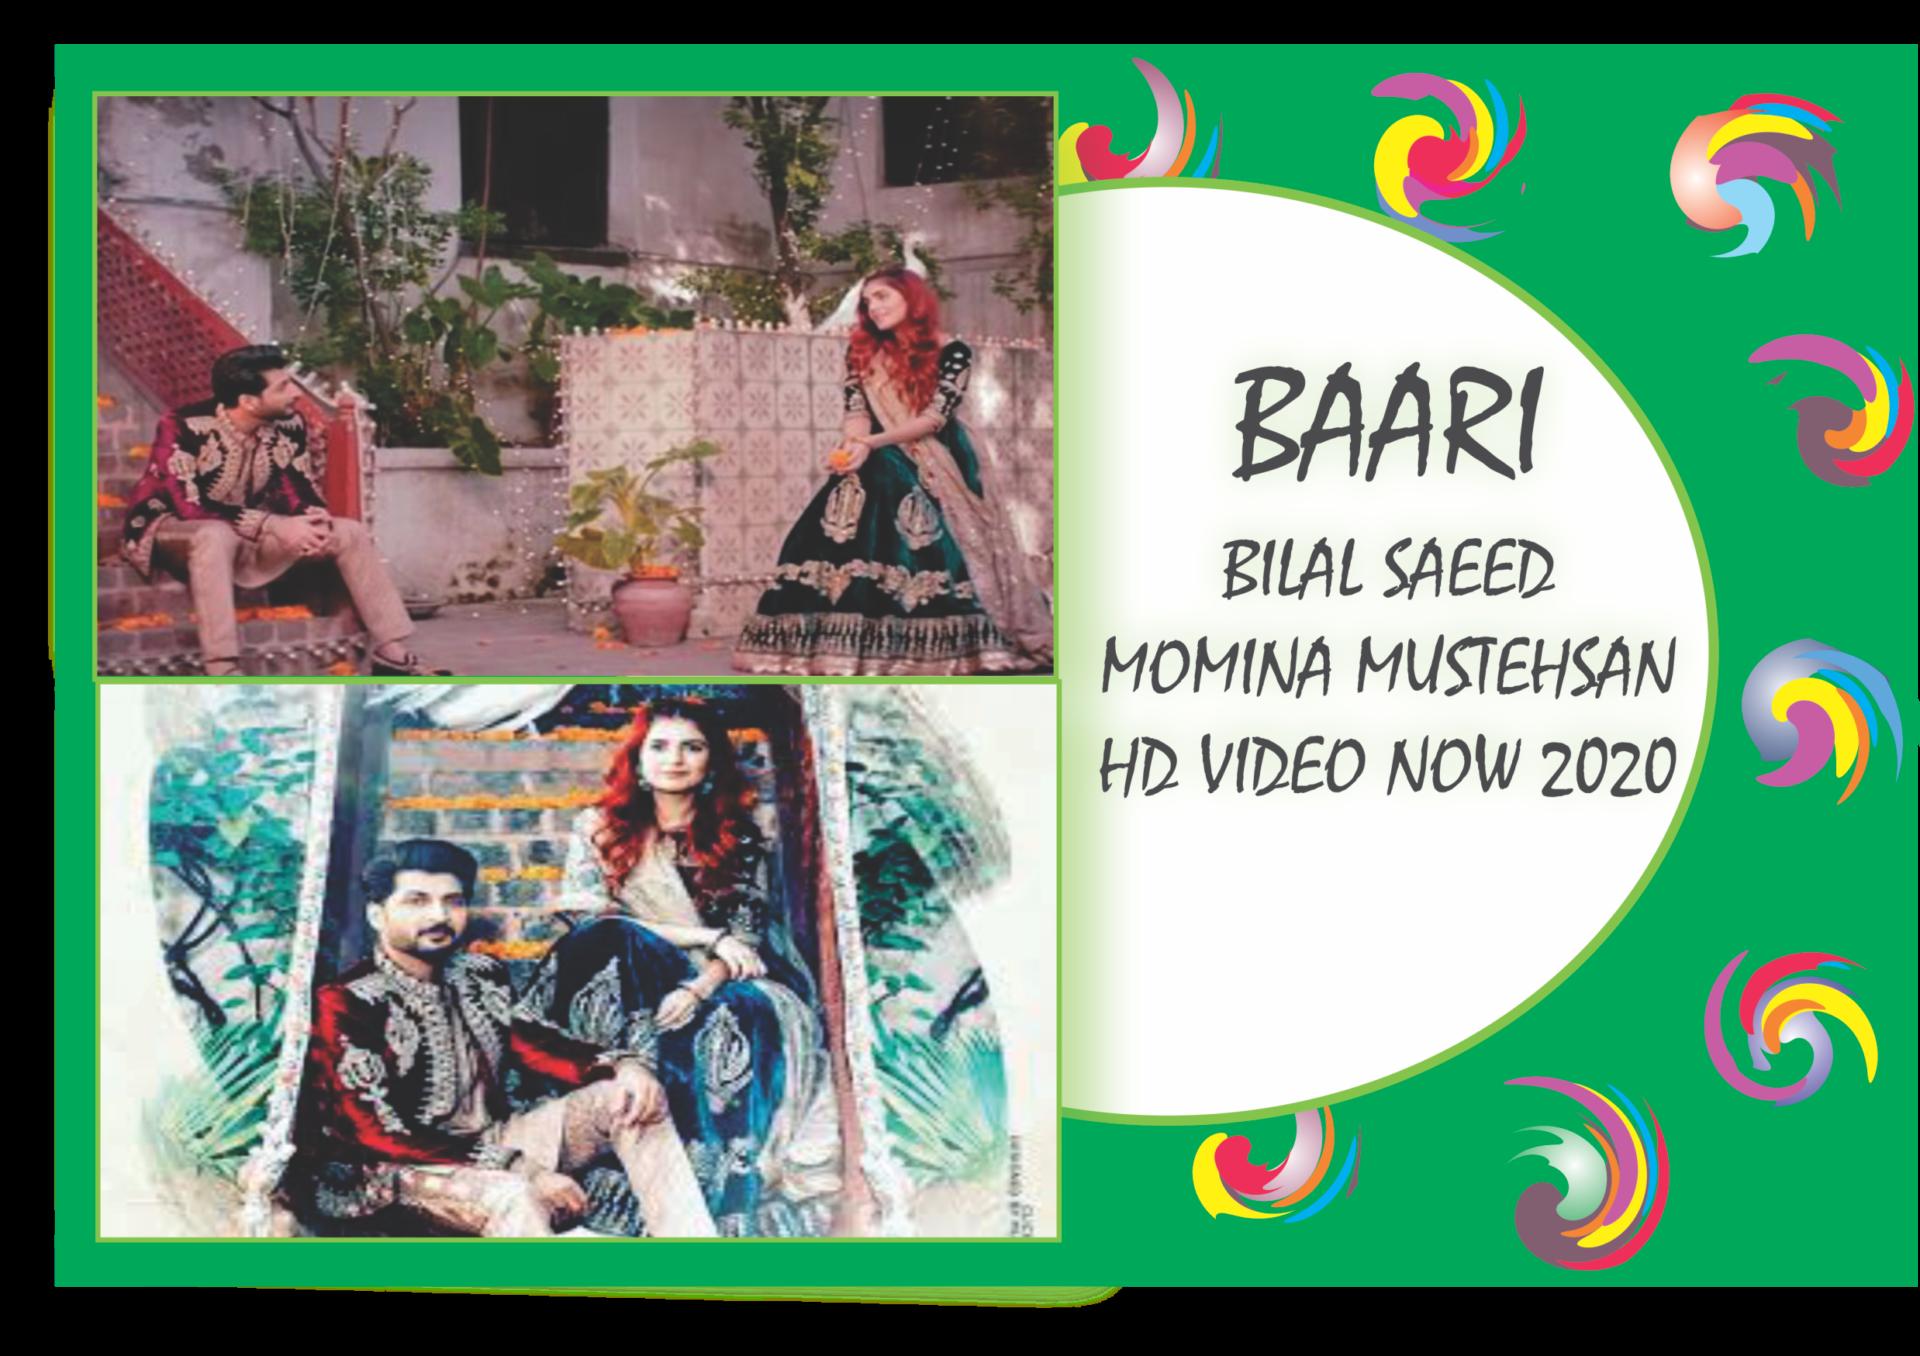 Baari by Bilal Saeed and Momina Mustehsan